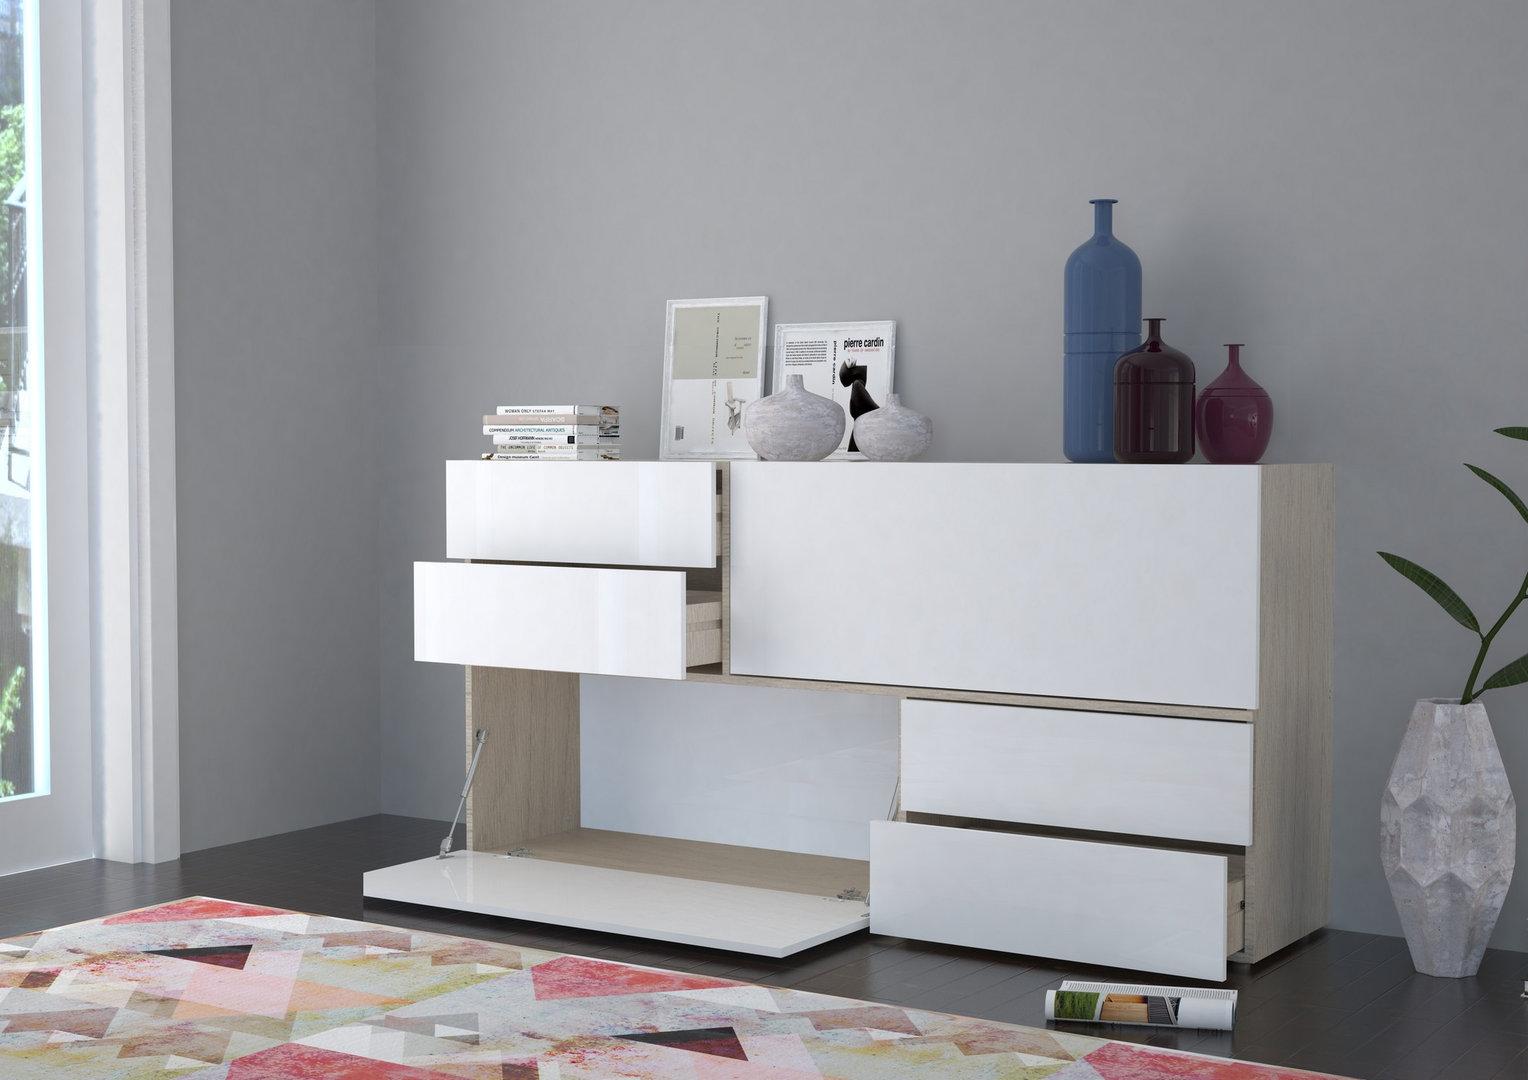 Avion com moderno mobile soggiorno camera bianco design for Soggiorno moderno bianco